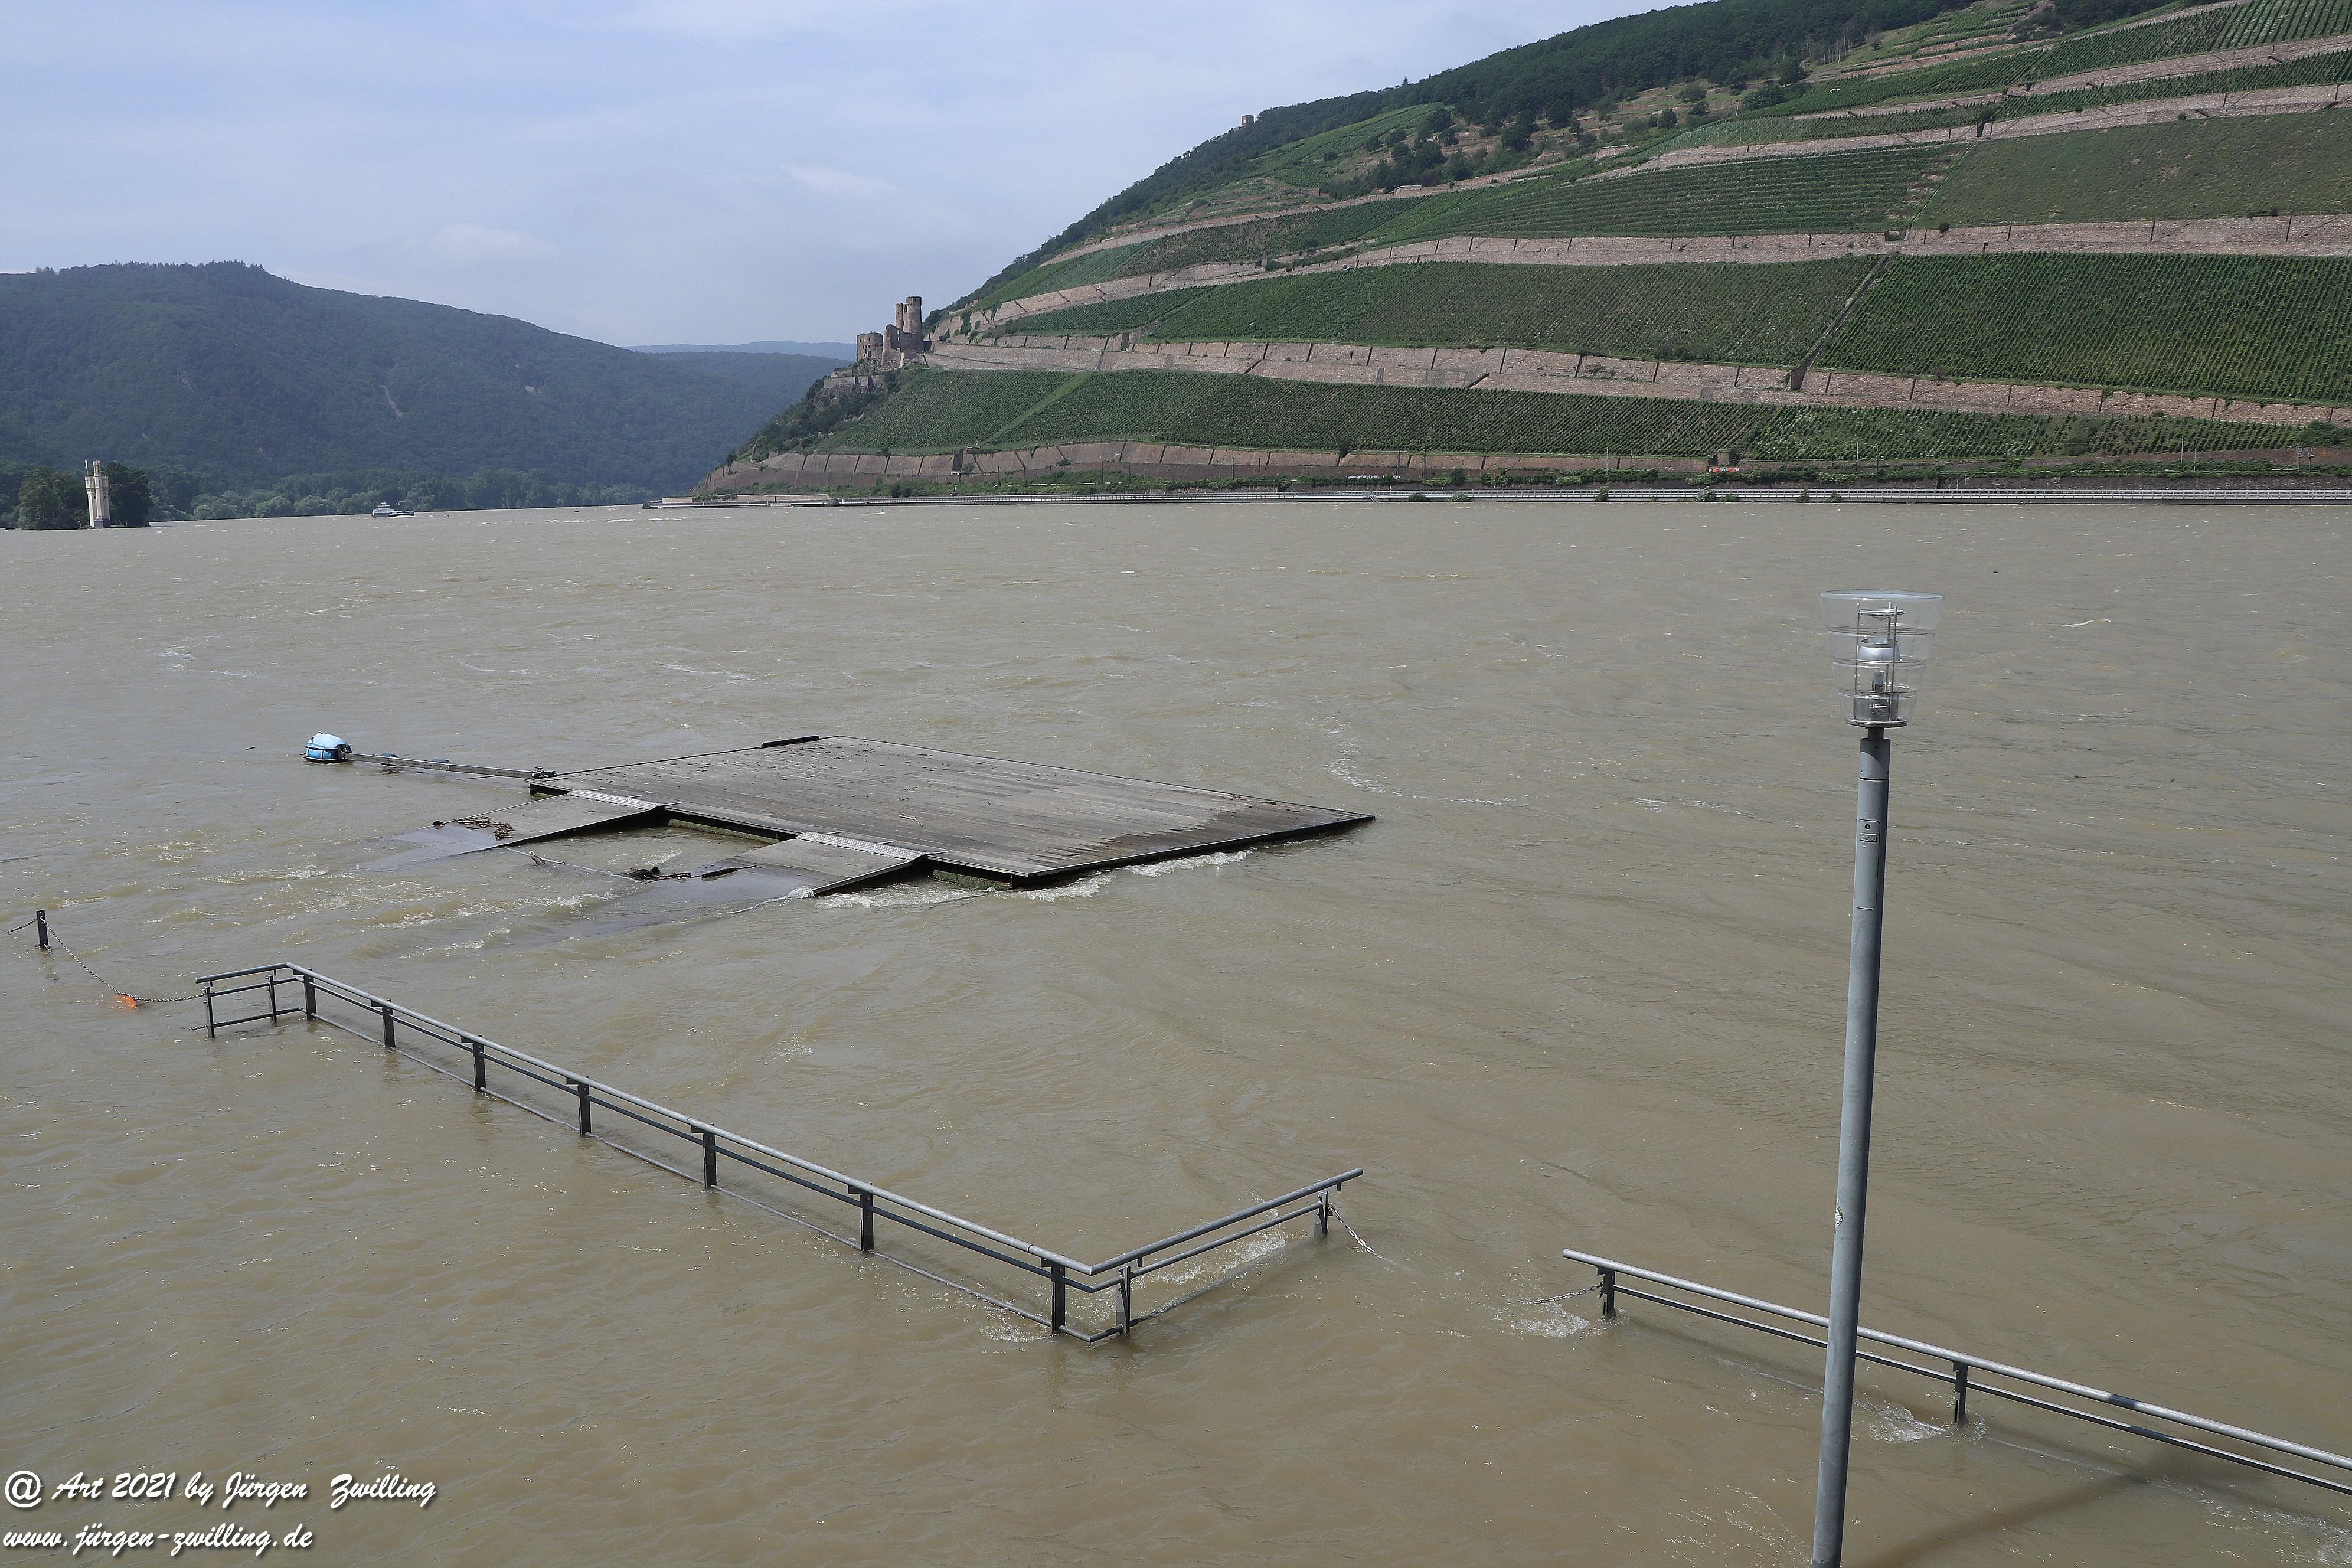 Hochwasser in Bingen am Rhein 1